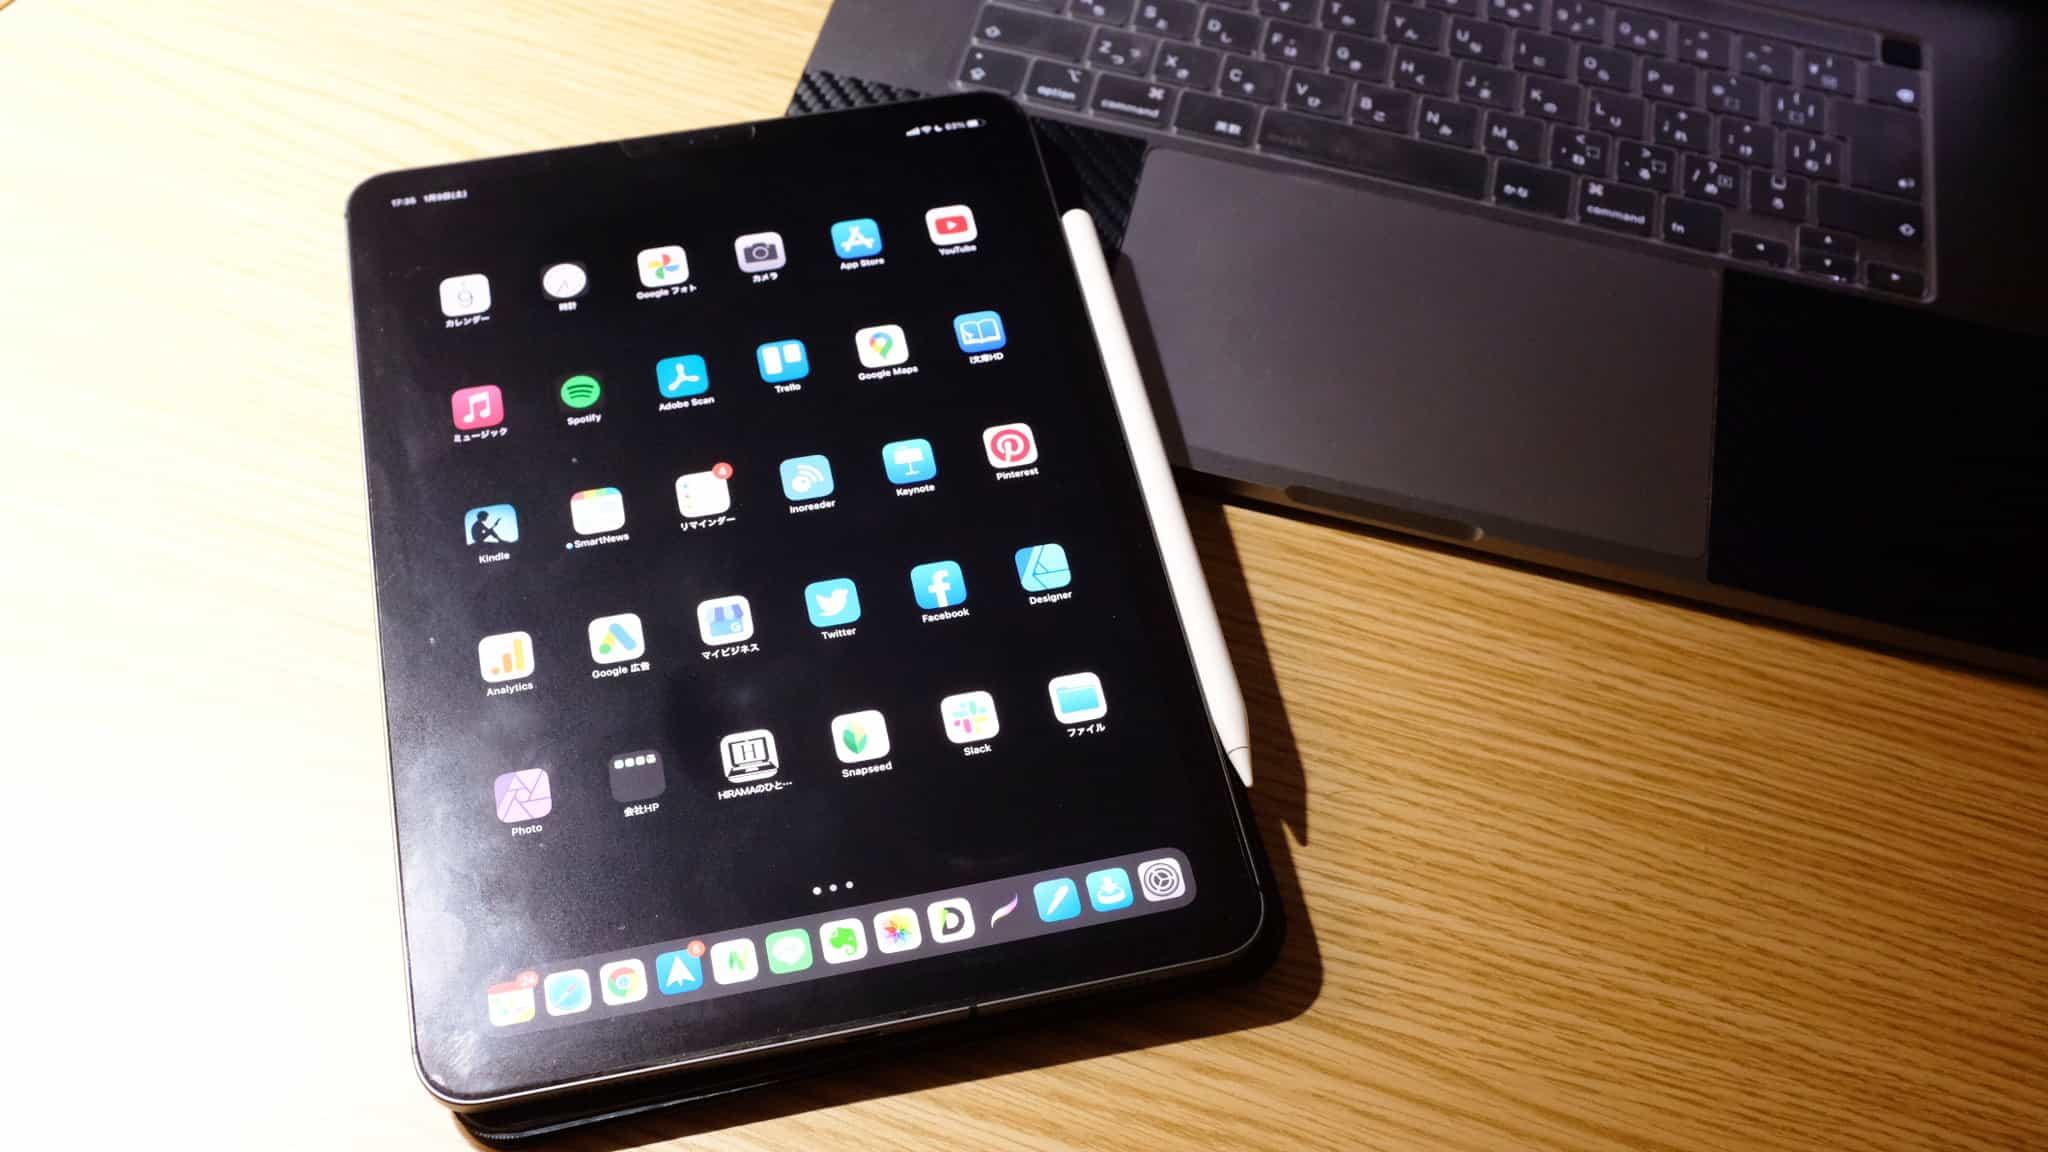 11インチ iPad Pro 2018 使ってるんだけど全然現役機種だよね